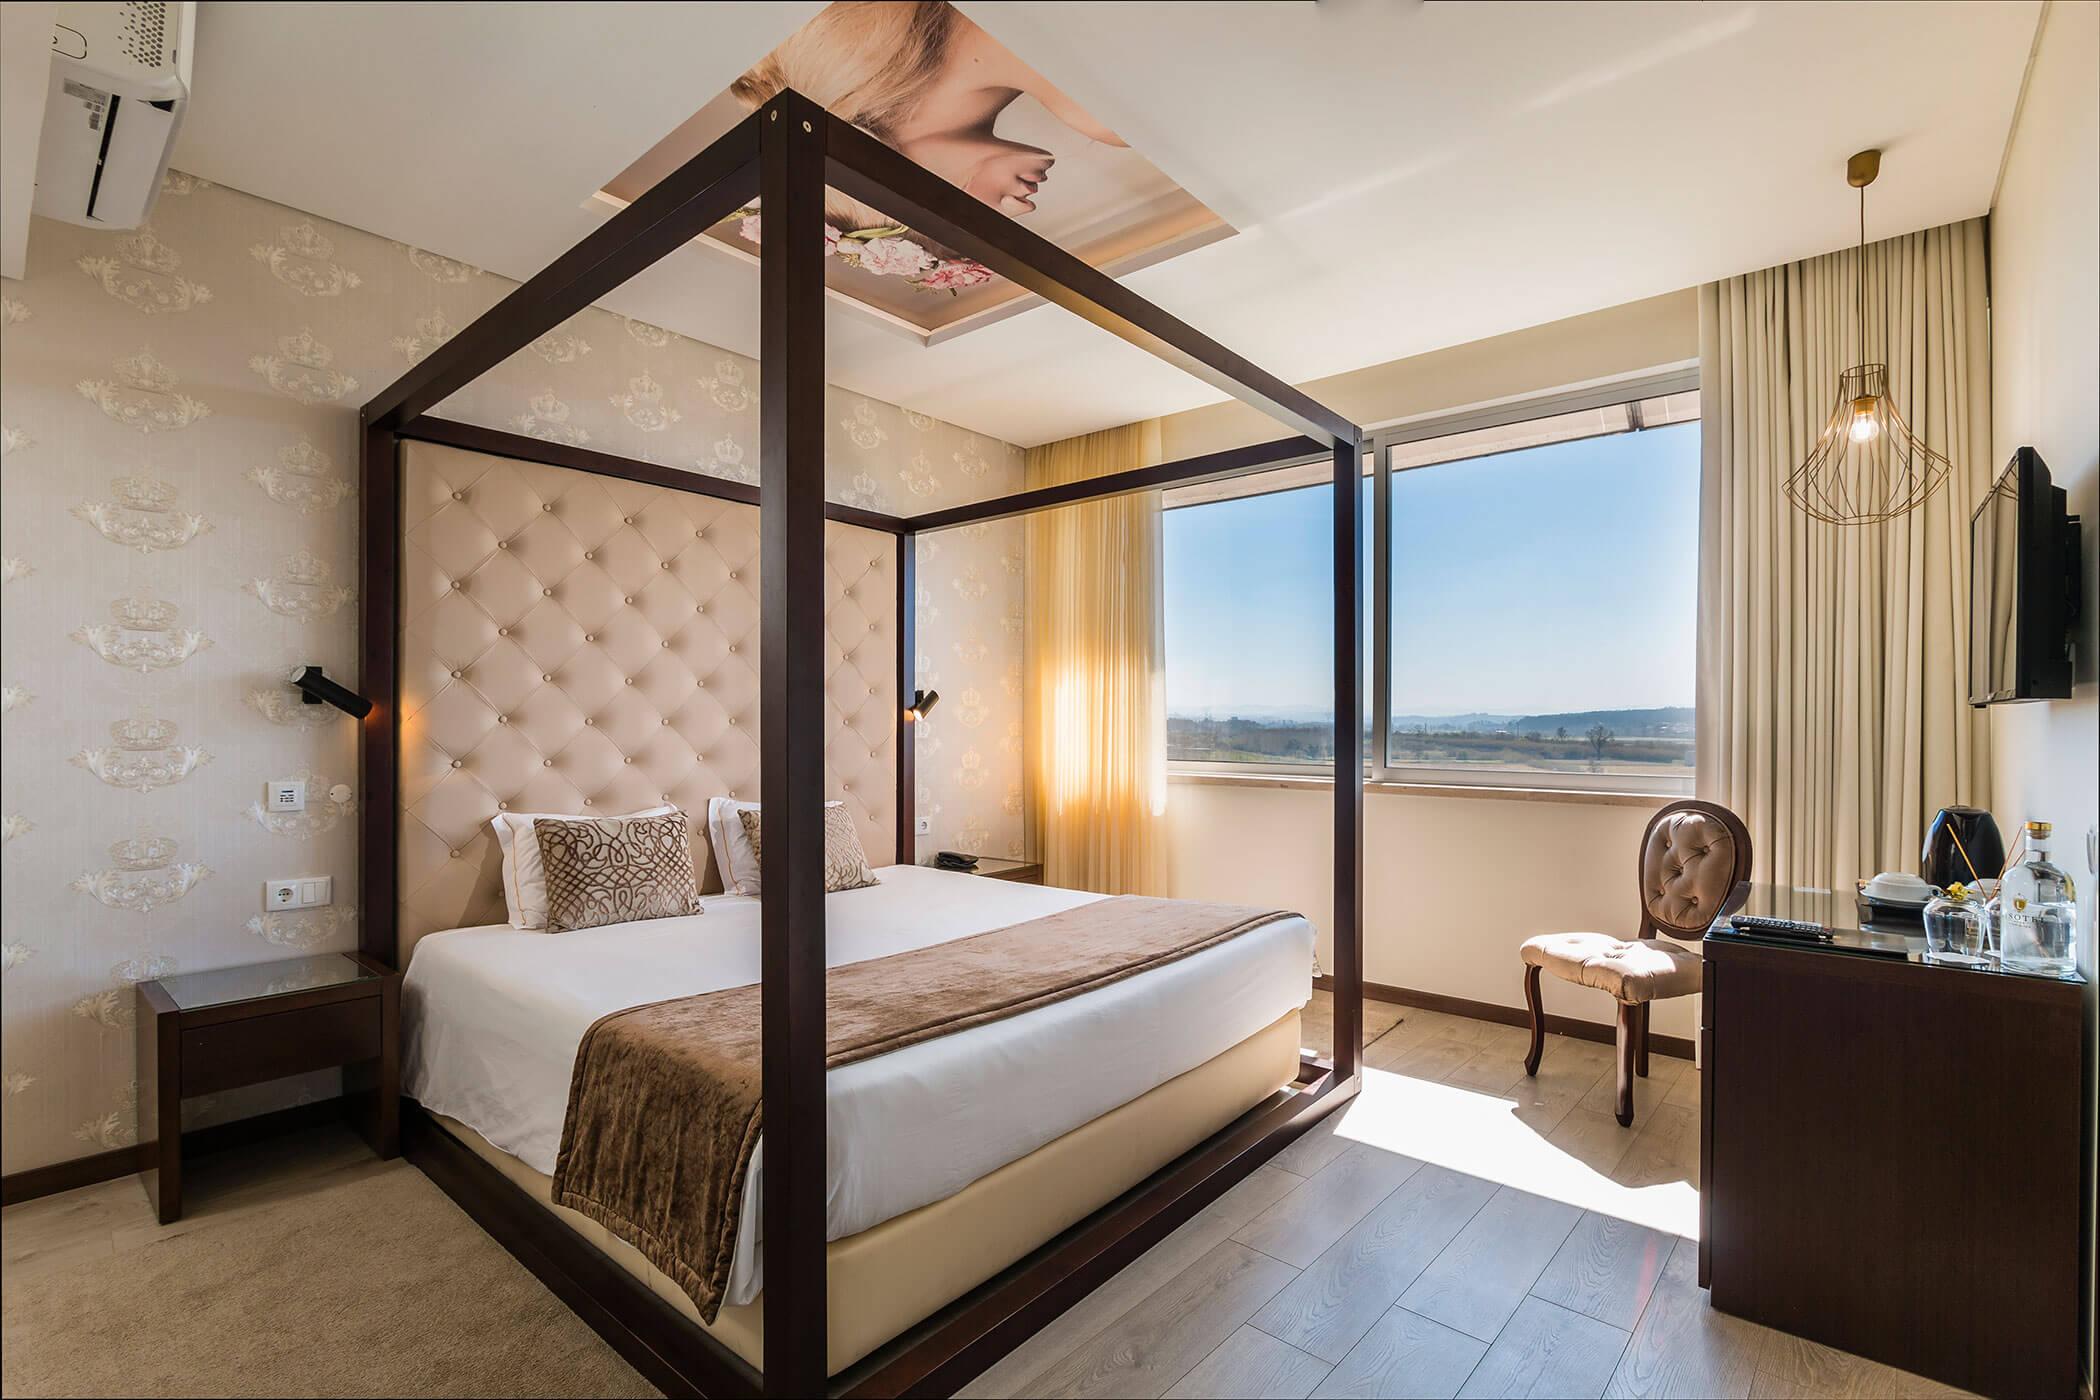 Habitación doble superior Princesa Zara - Lisotel Hotel & Spa, Leiria